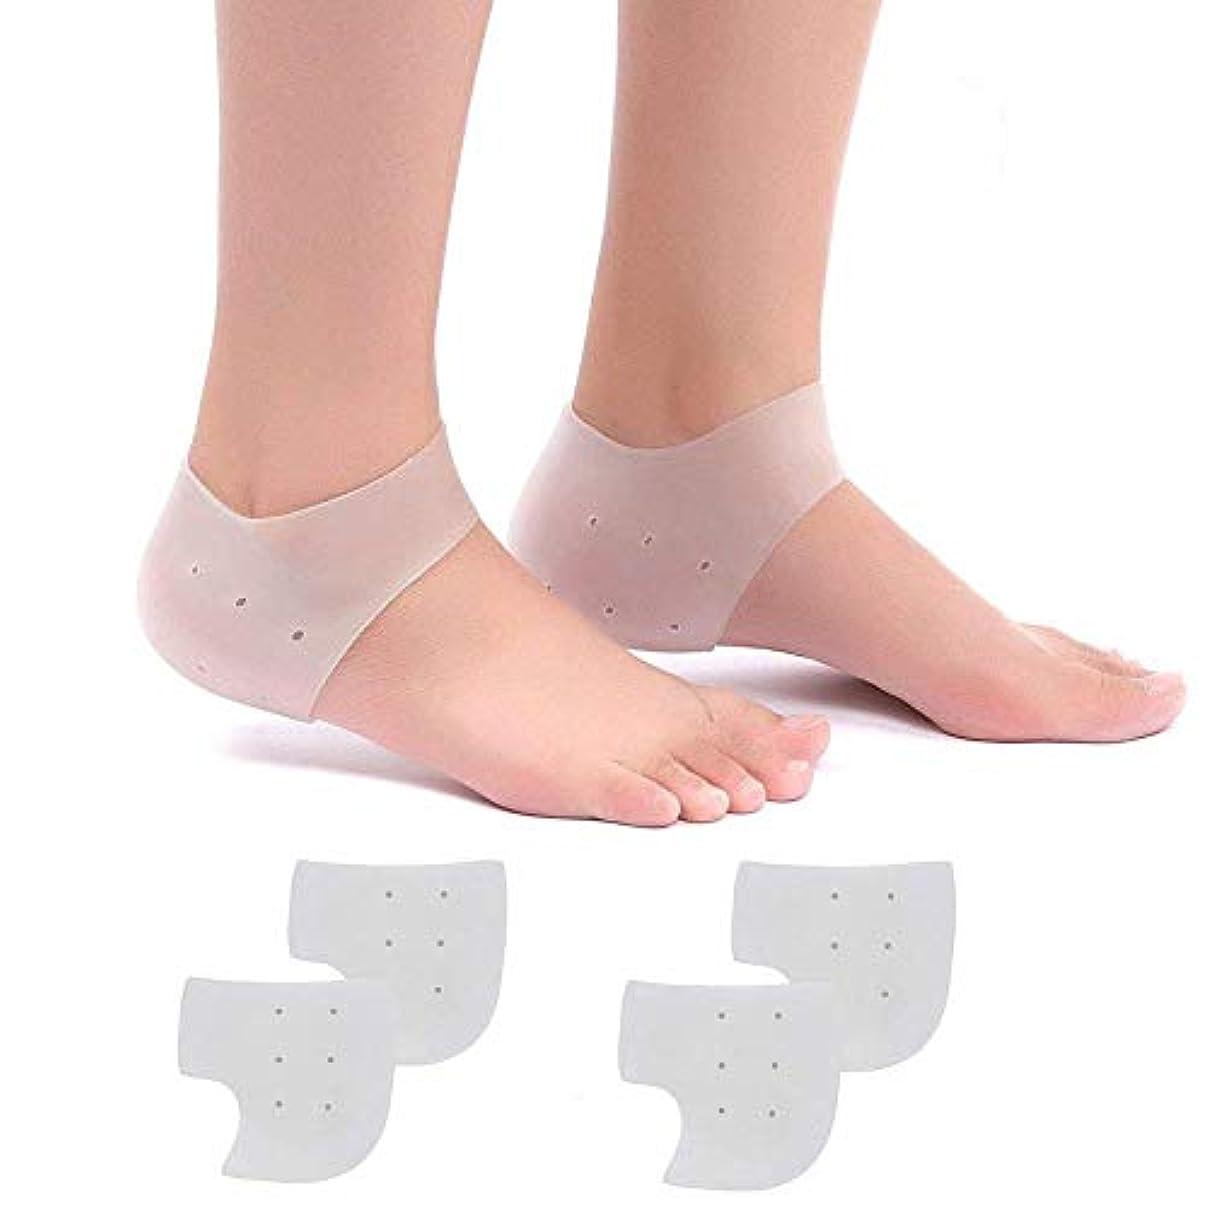 軽蔑する中間いわゆるシリコーンヒールスリーブ通気性シリコーンヒールカップ保護パッドの10組、ドライかかとを修復し、足底筋膜炎/アキレス腱/腱/ヒールスパー/かかとの痛みを軽減することができます